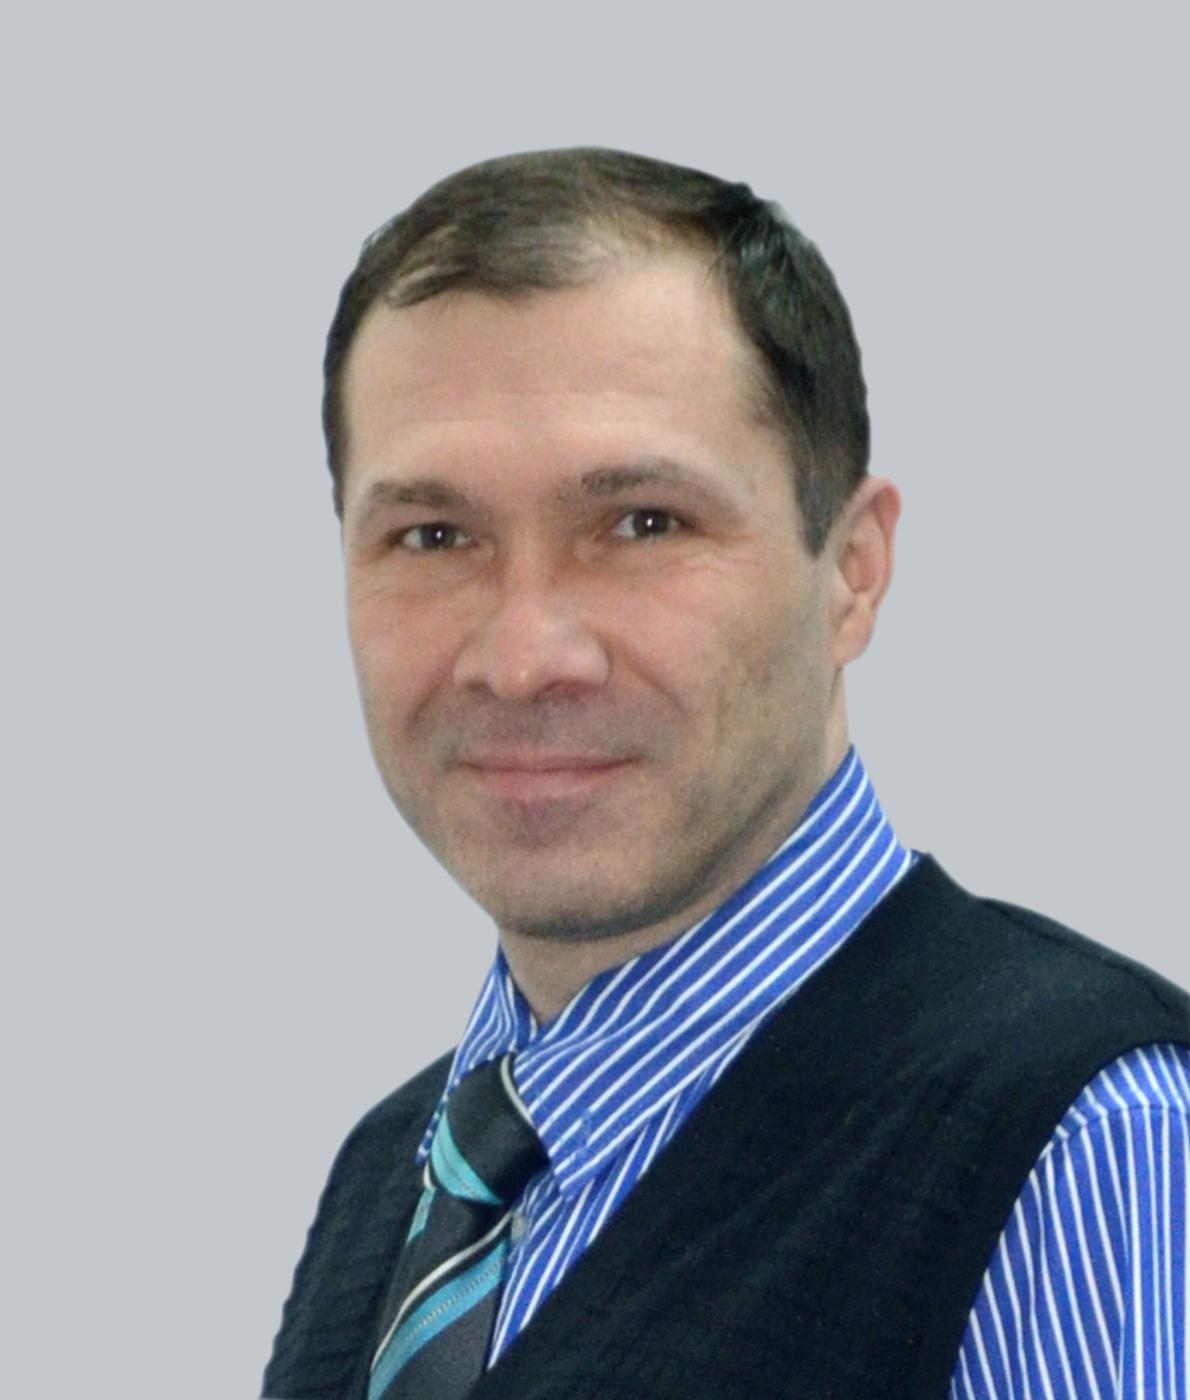 Rashid Akhmedov